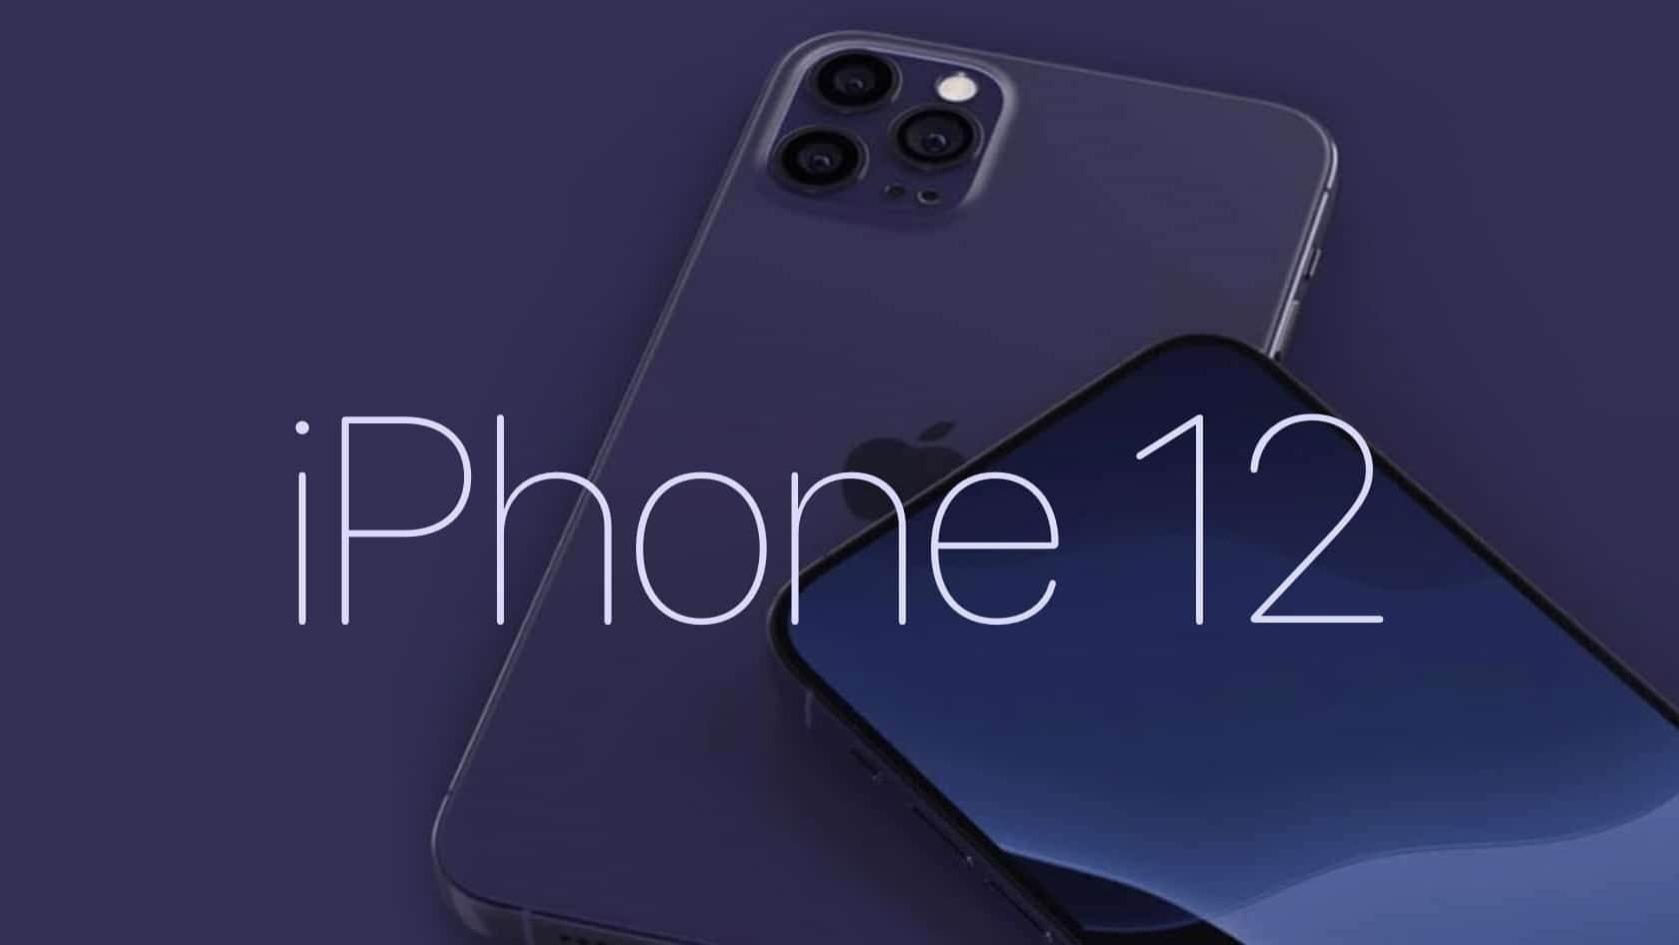 华为、小米被苹果坑了?iPhone12售价提前曝光,库克成最大赢家